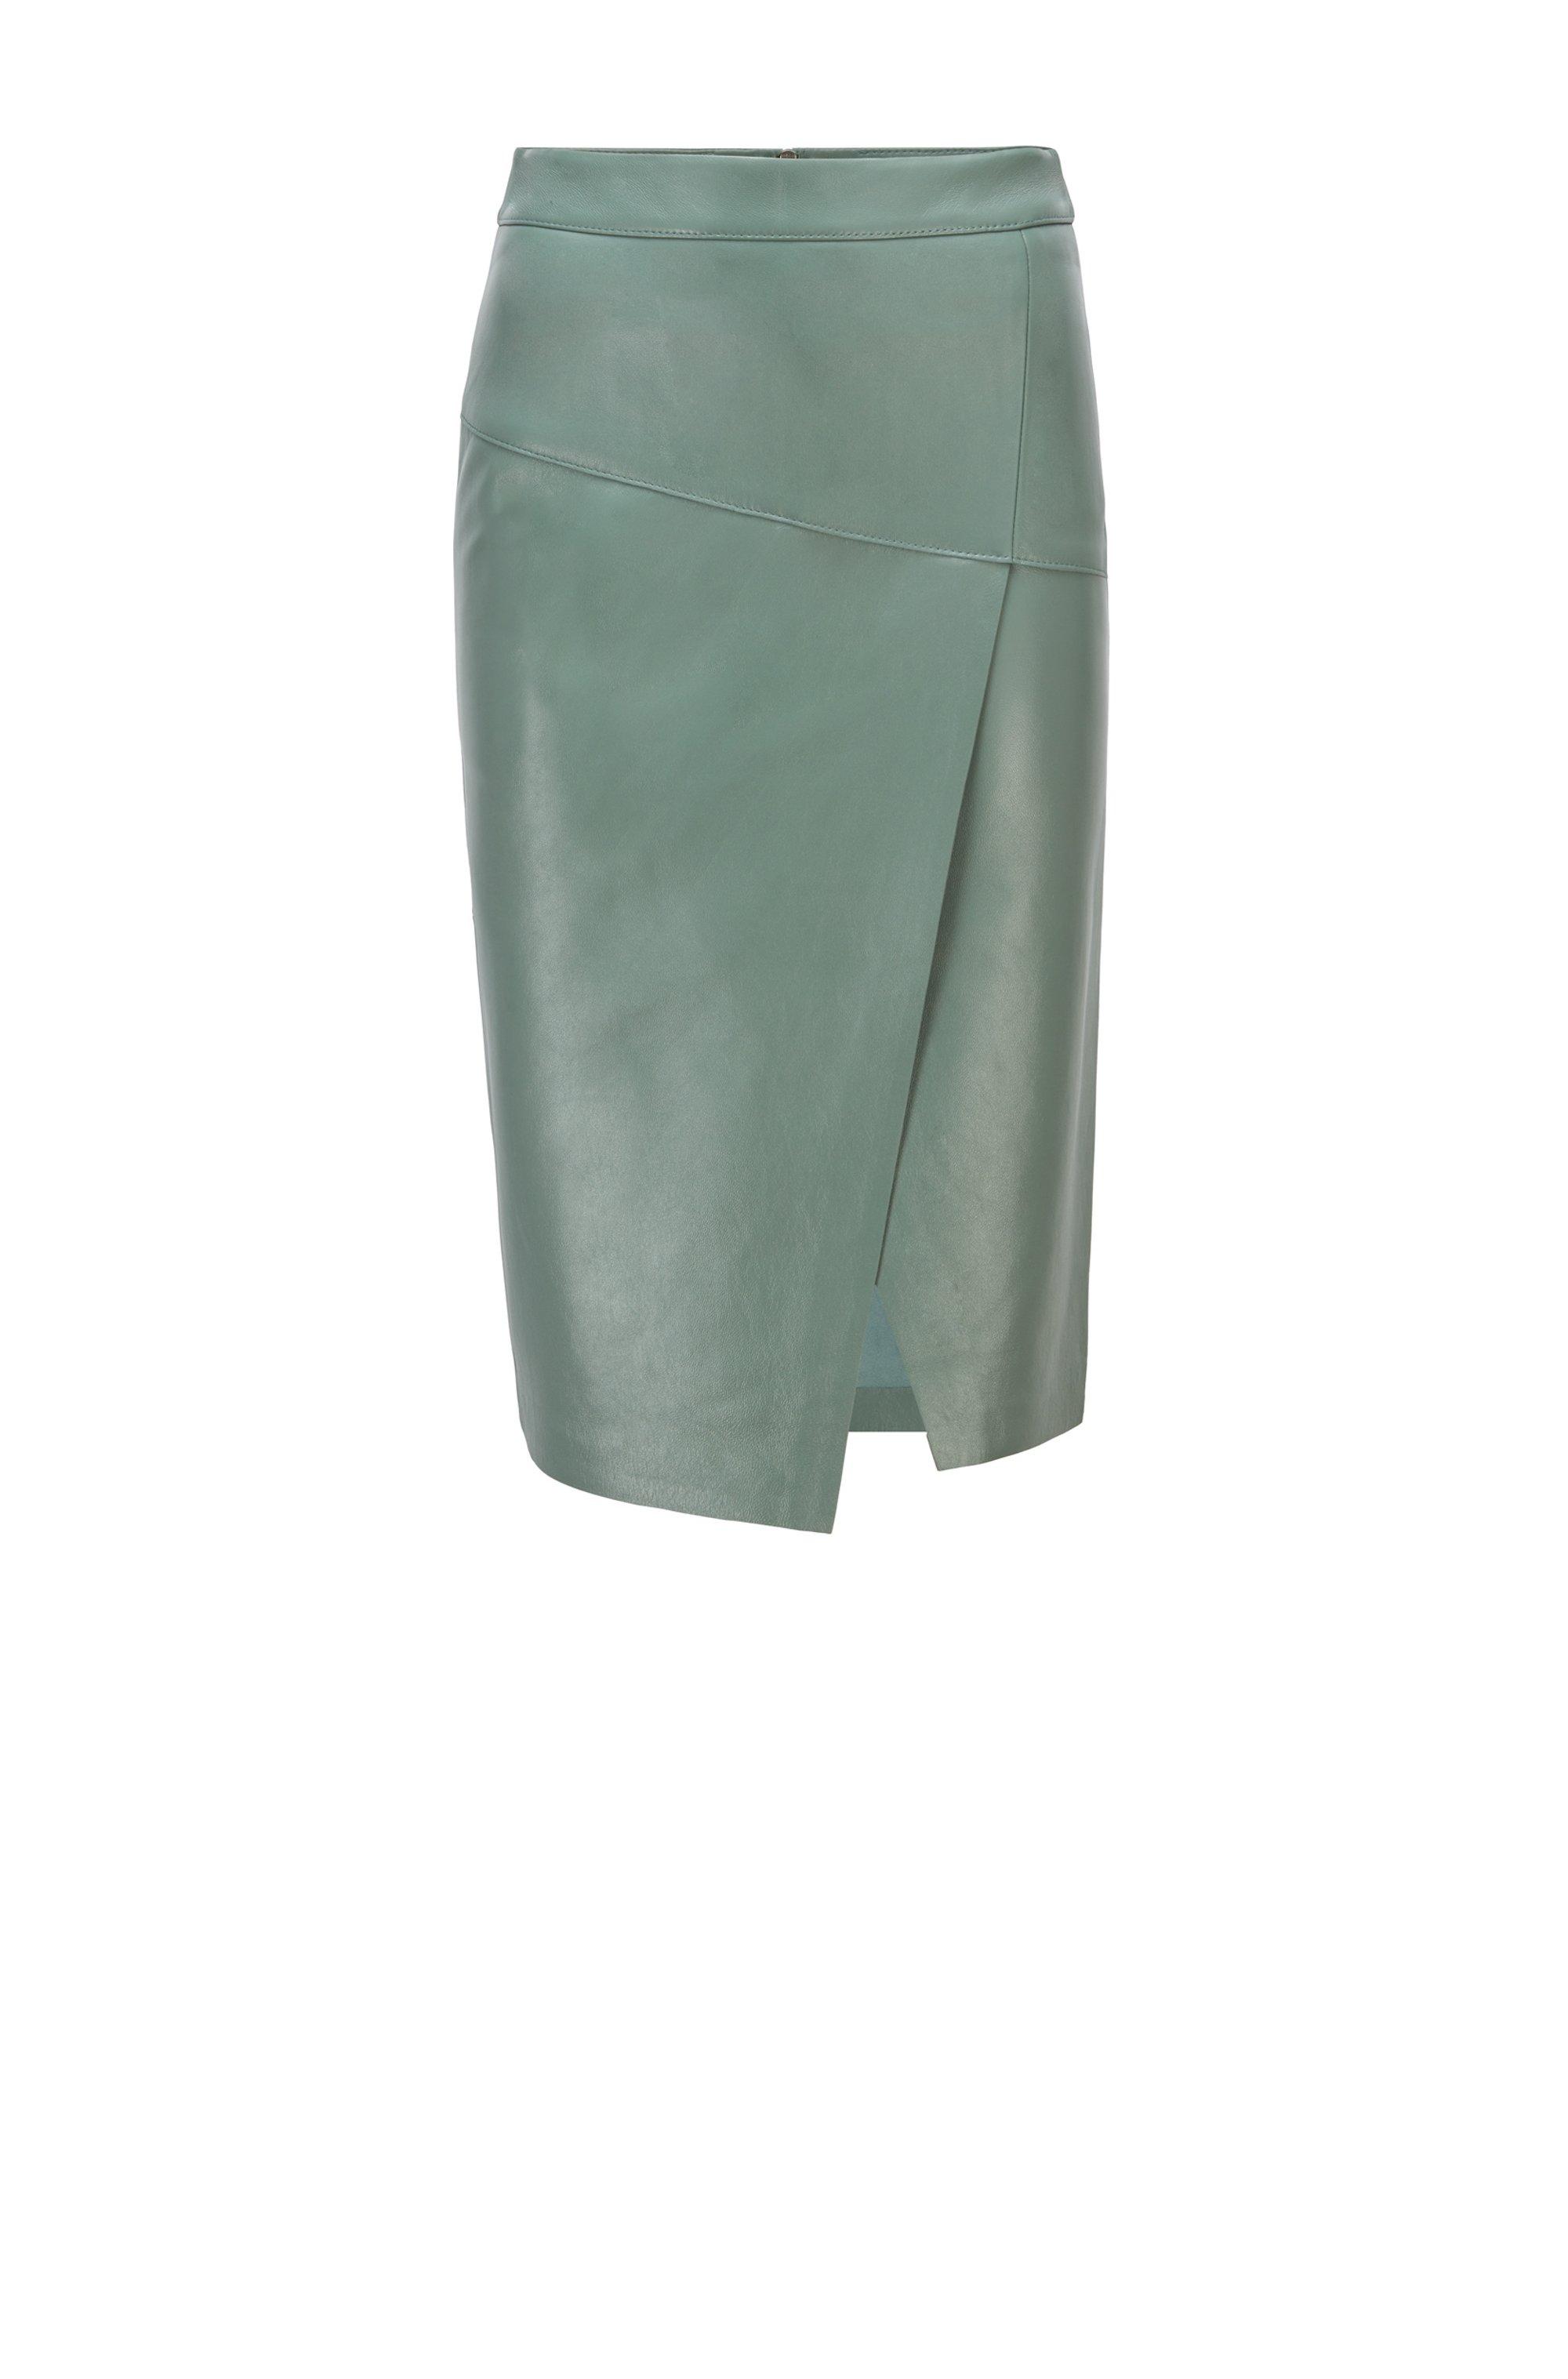 ラップスタイル レザースカート アシンメトリーヘム, ターコイズ